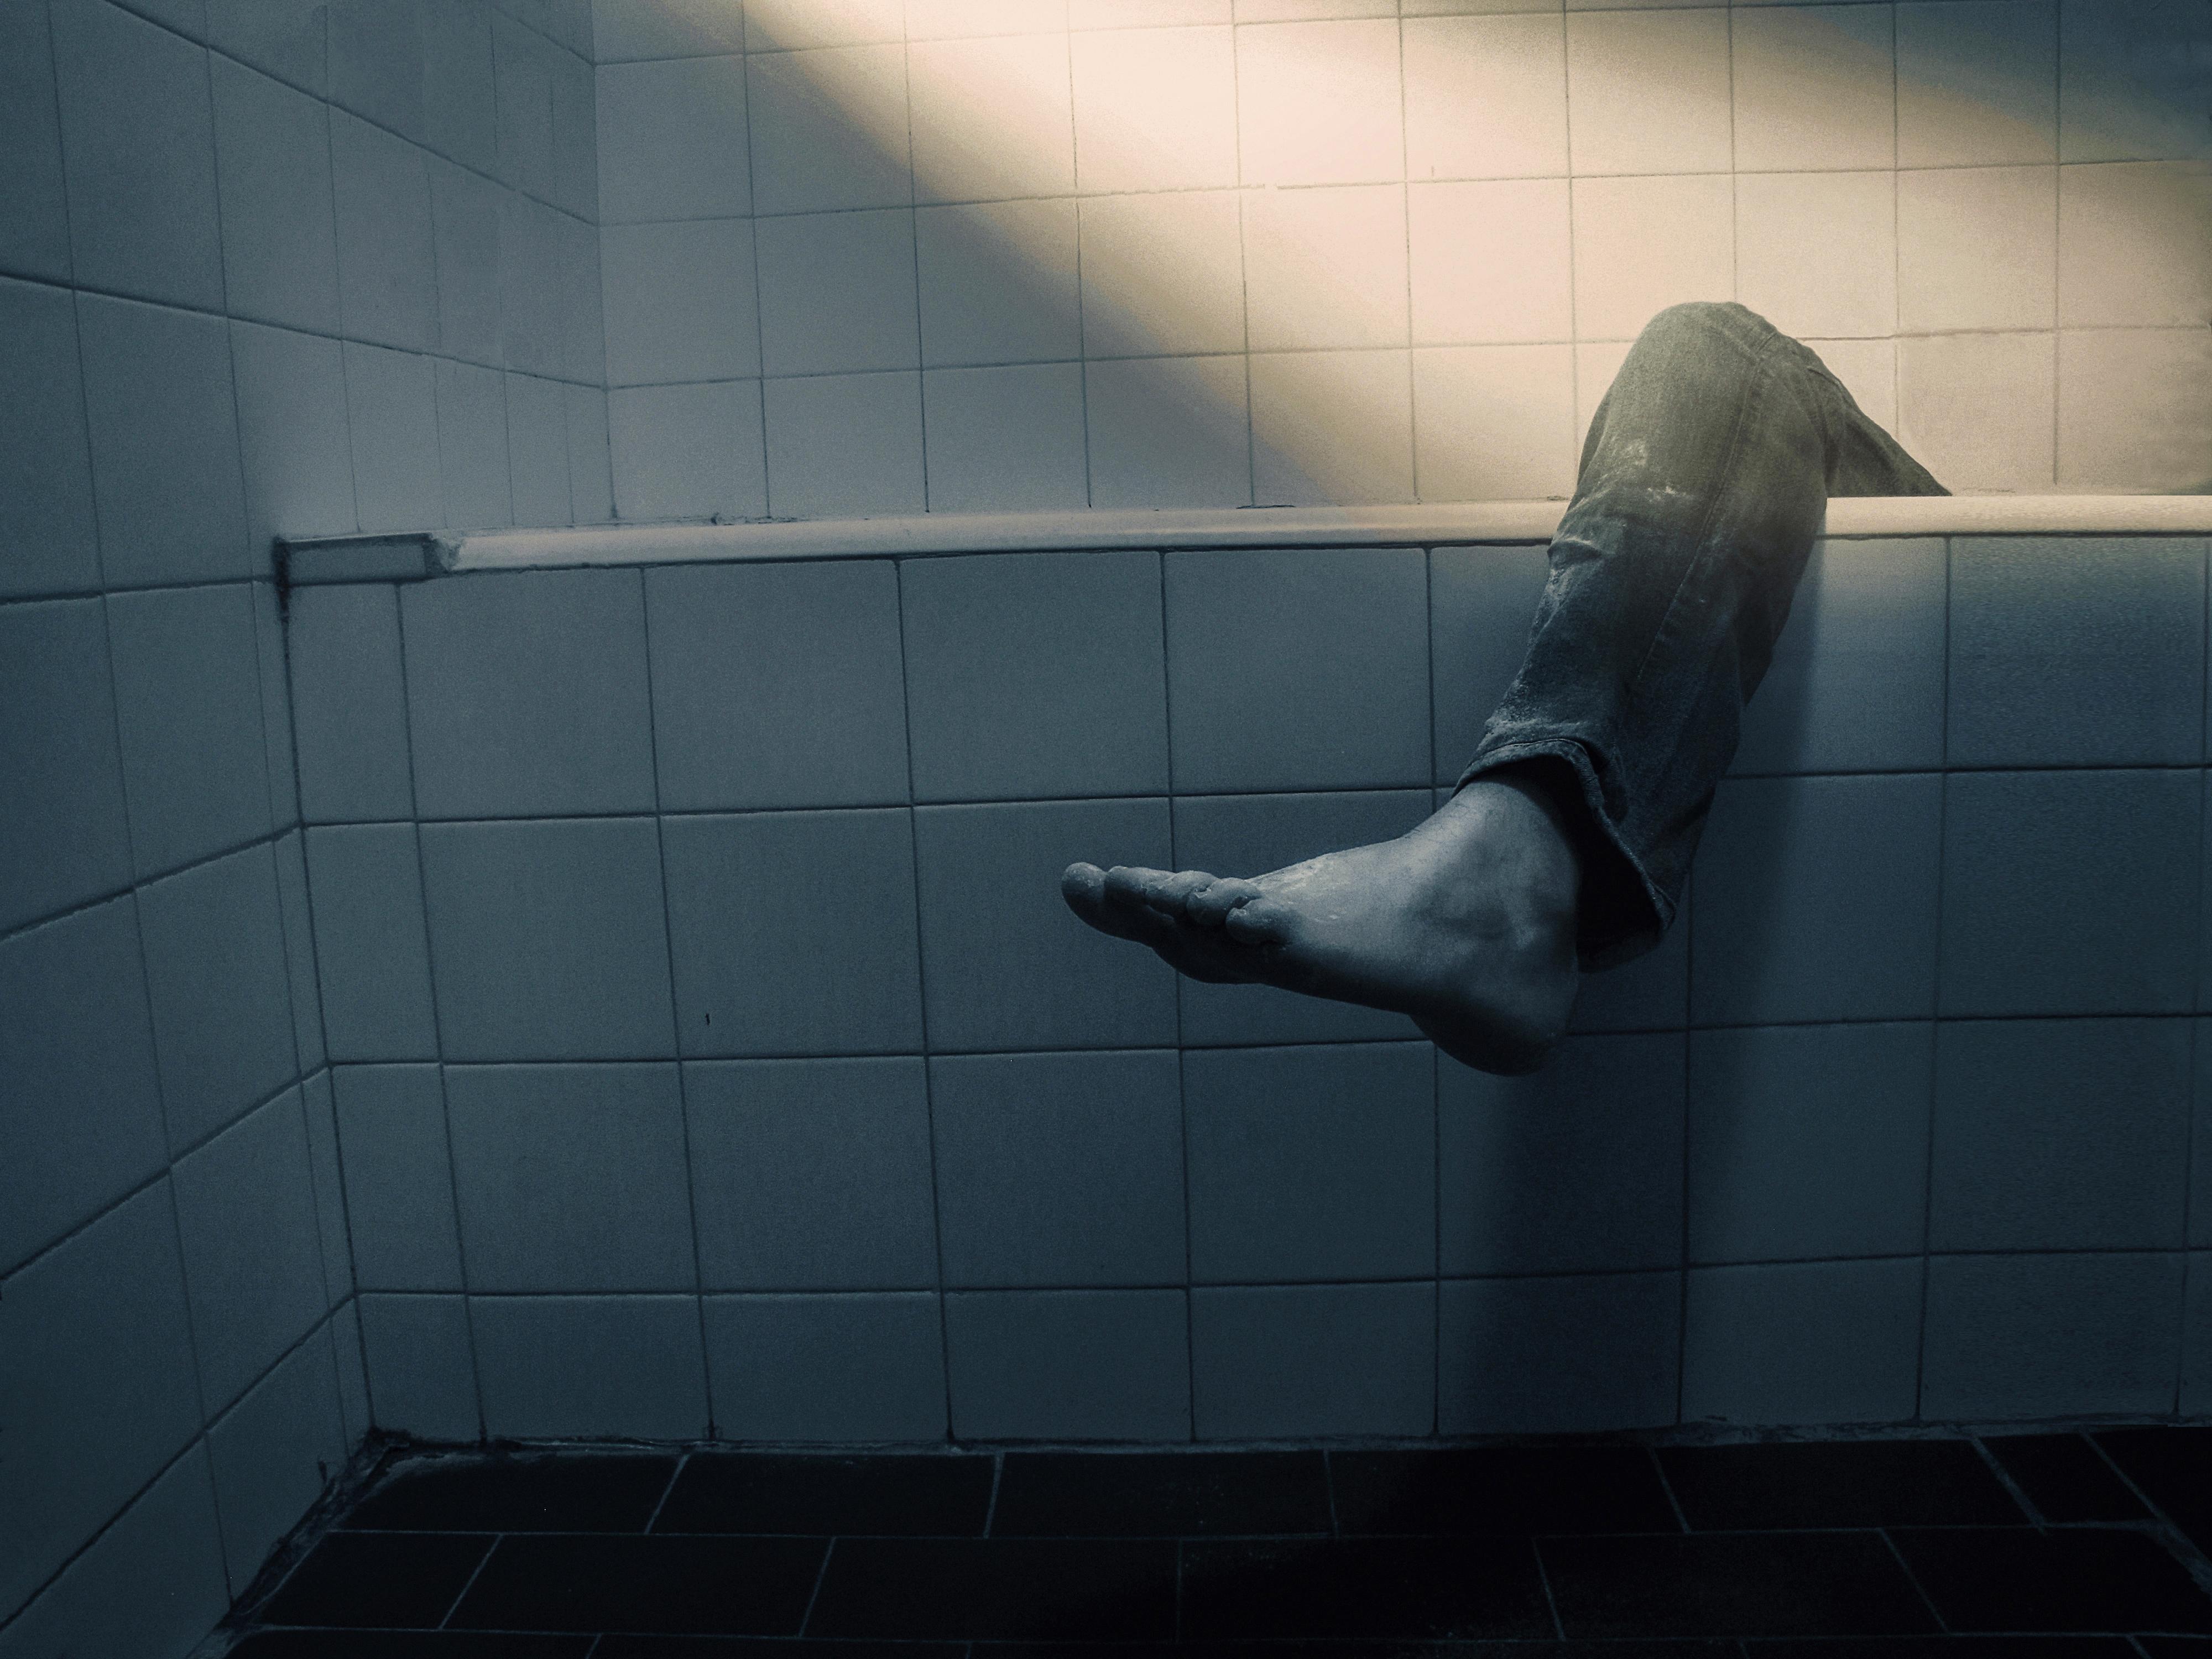 Sfondi : nero, orrore, acqua, spazio, riflessione, fotografia, blu ...